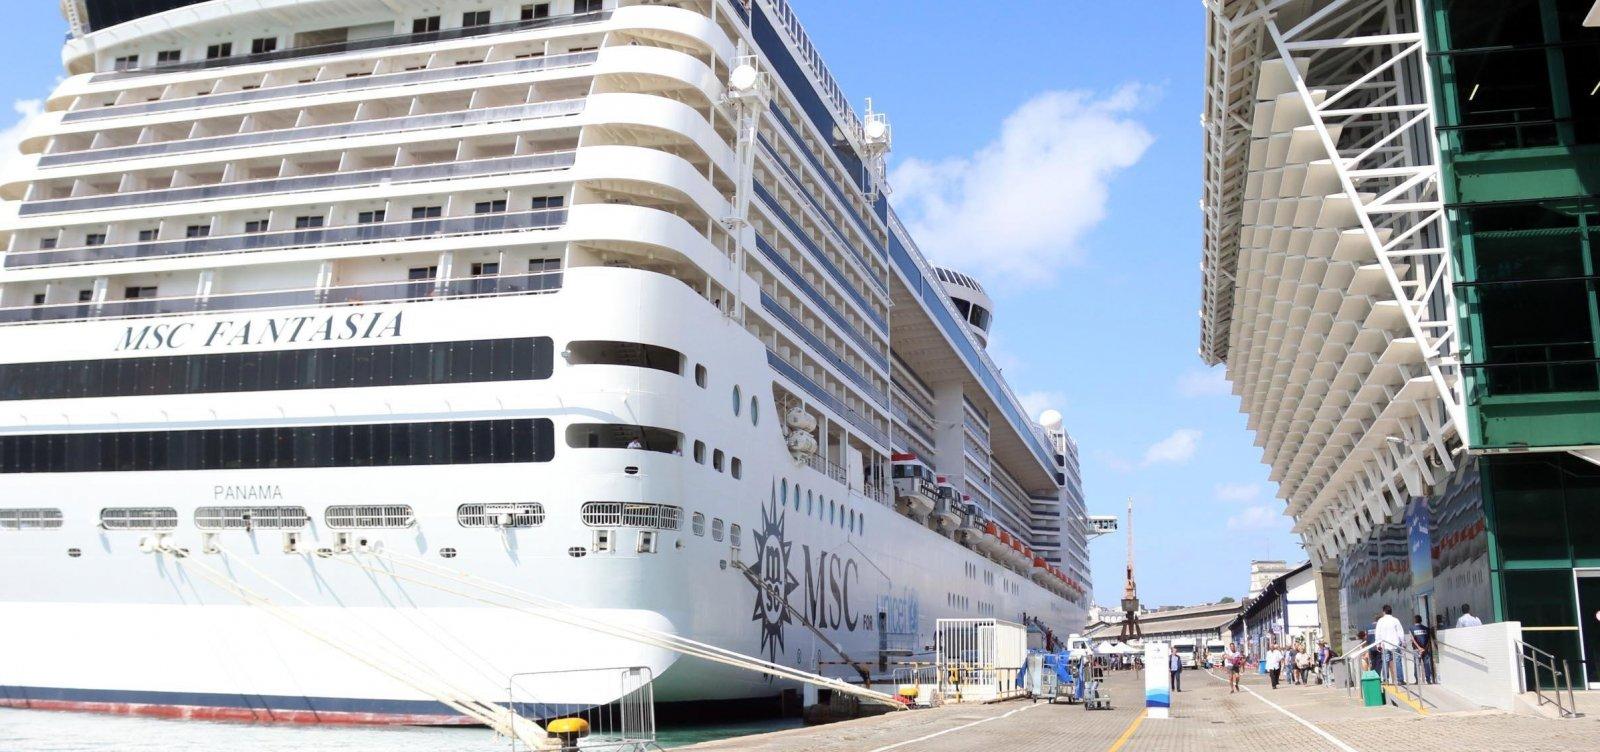 Anvisa não libera temporada de cruzeiros marítimos na costa brasileira